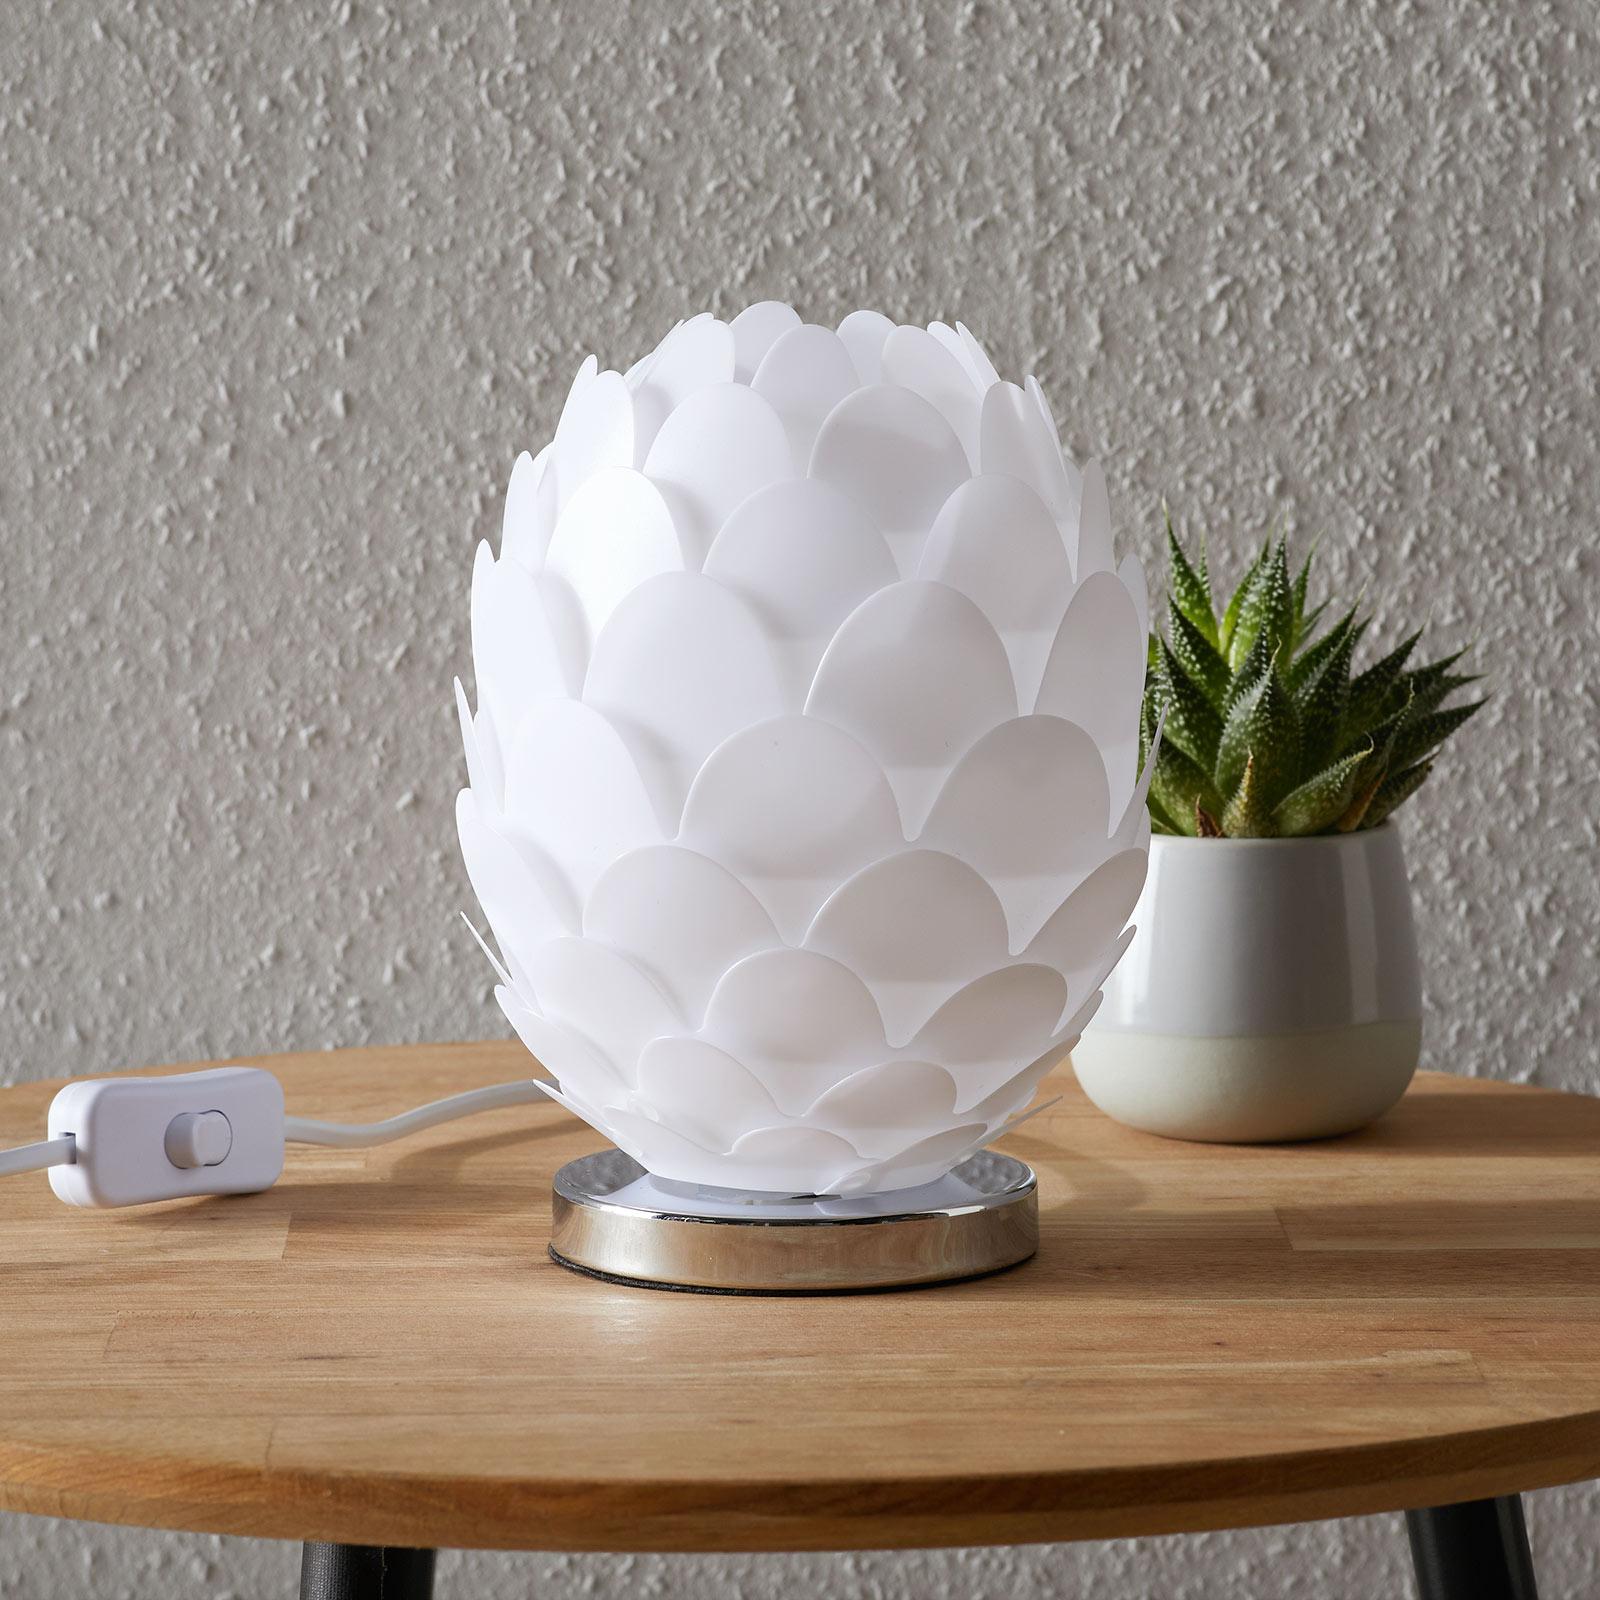 Pöytävalaisin Marees, valkoinen, Ø 15 cm